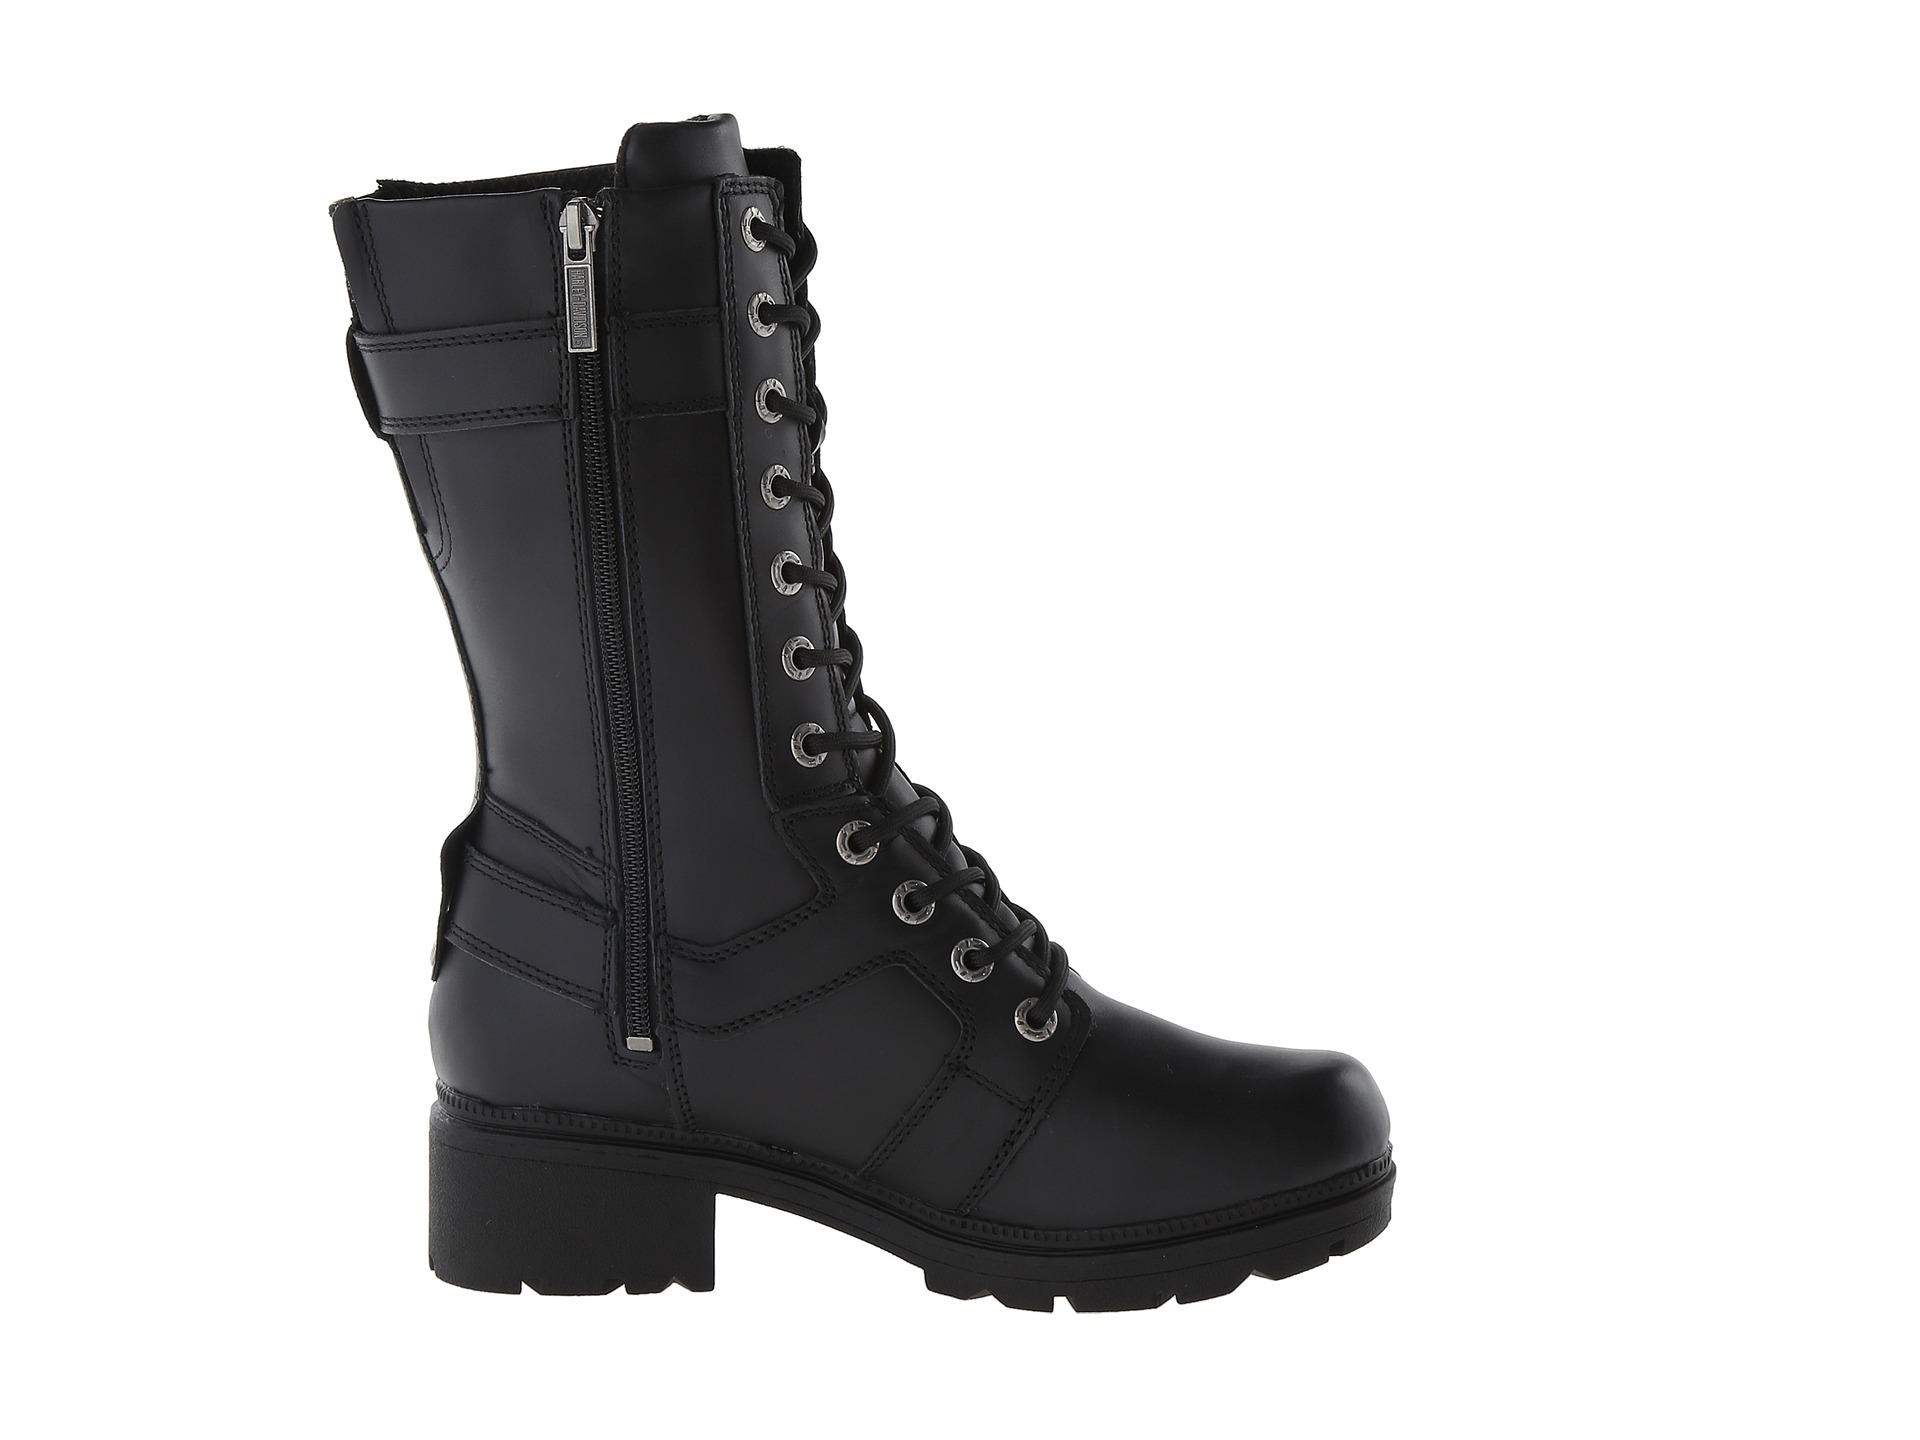 женская обувь Harley Davidson #11